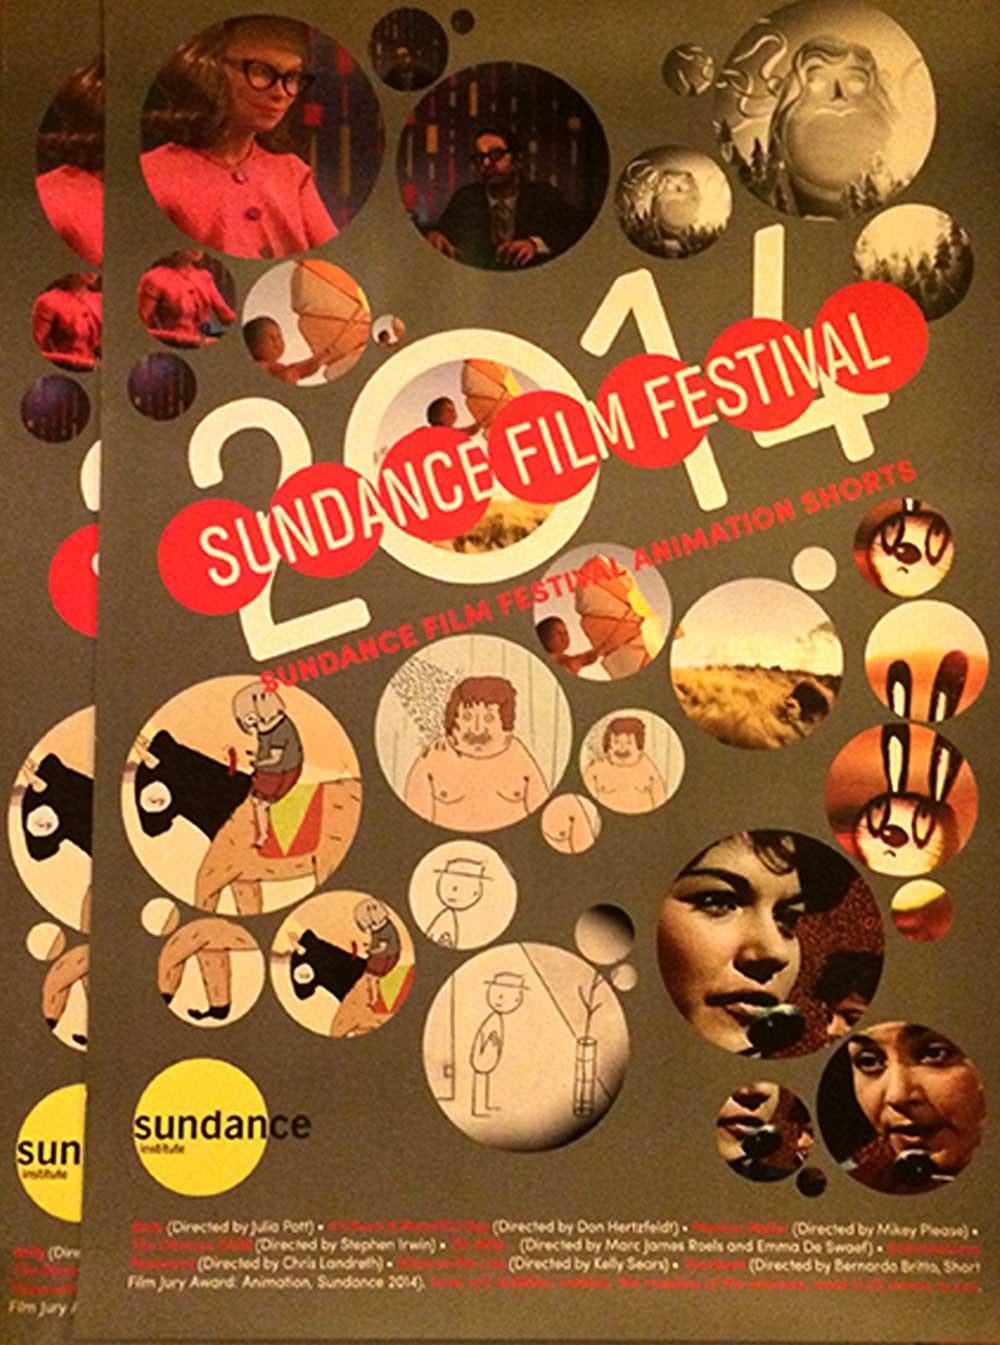 SUNDANCE SHORTS TOUR 2014